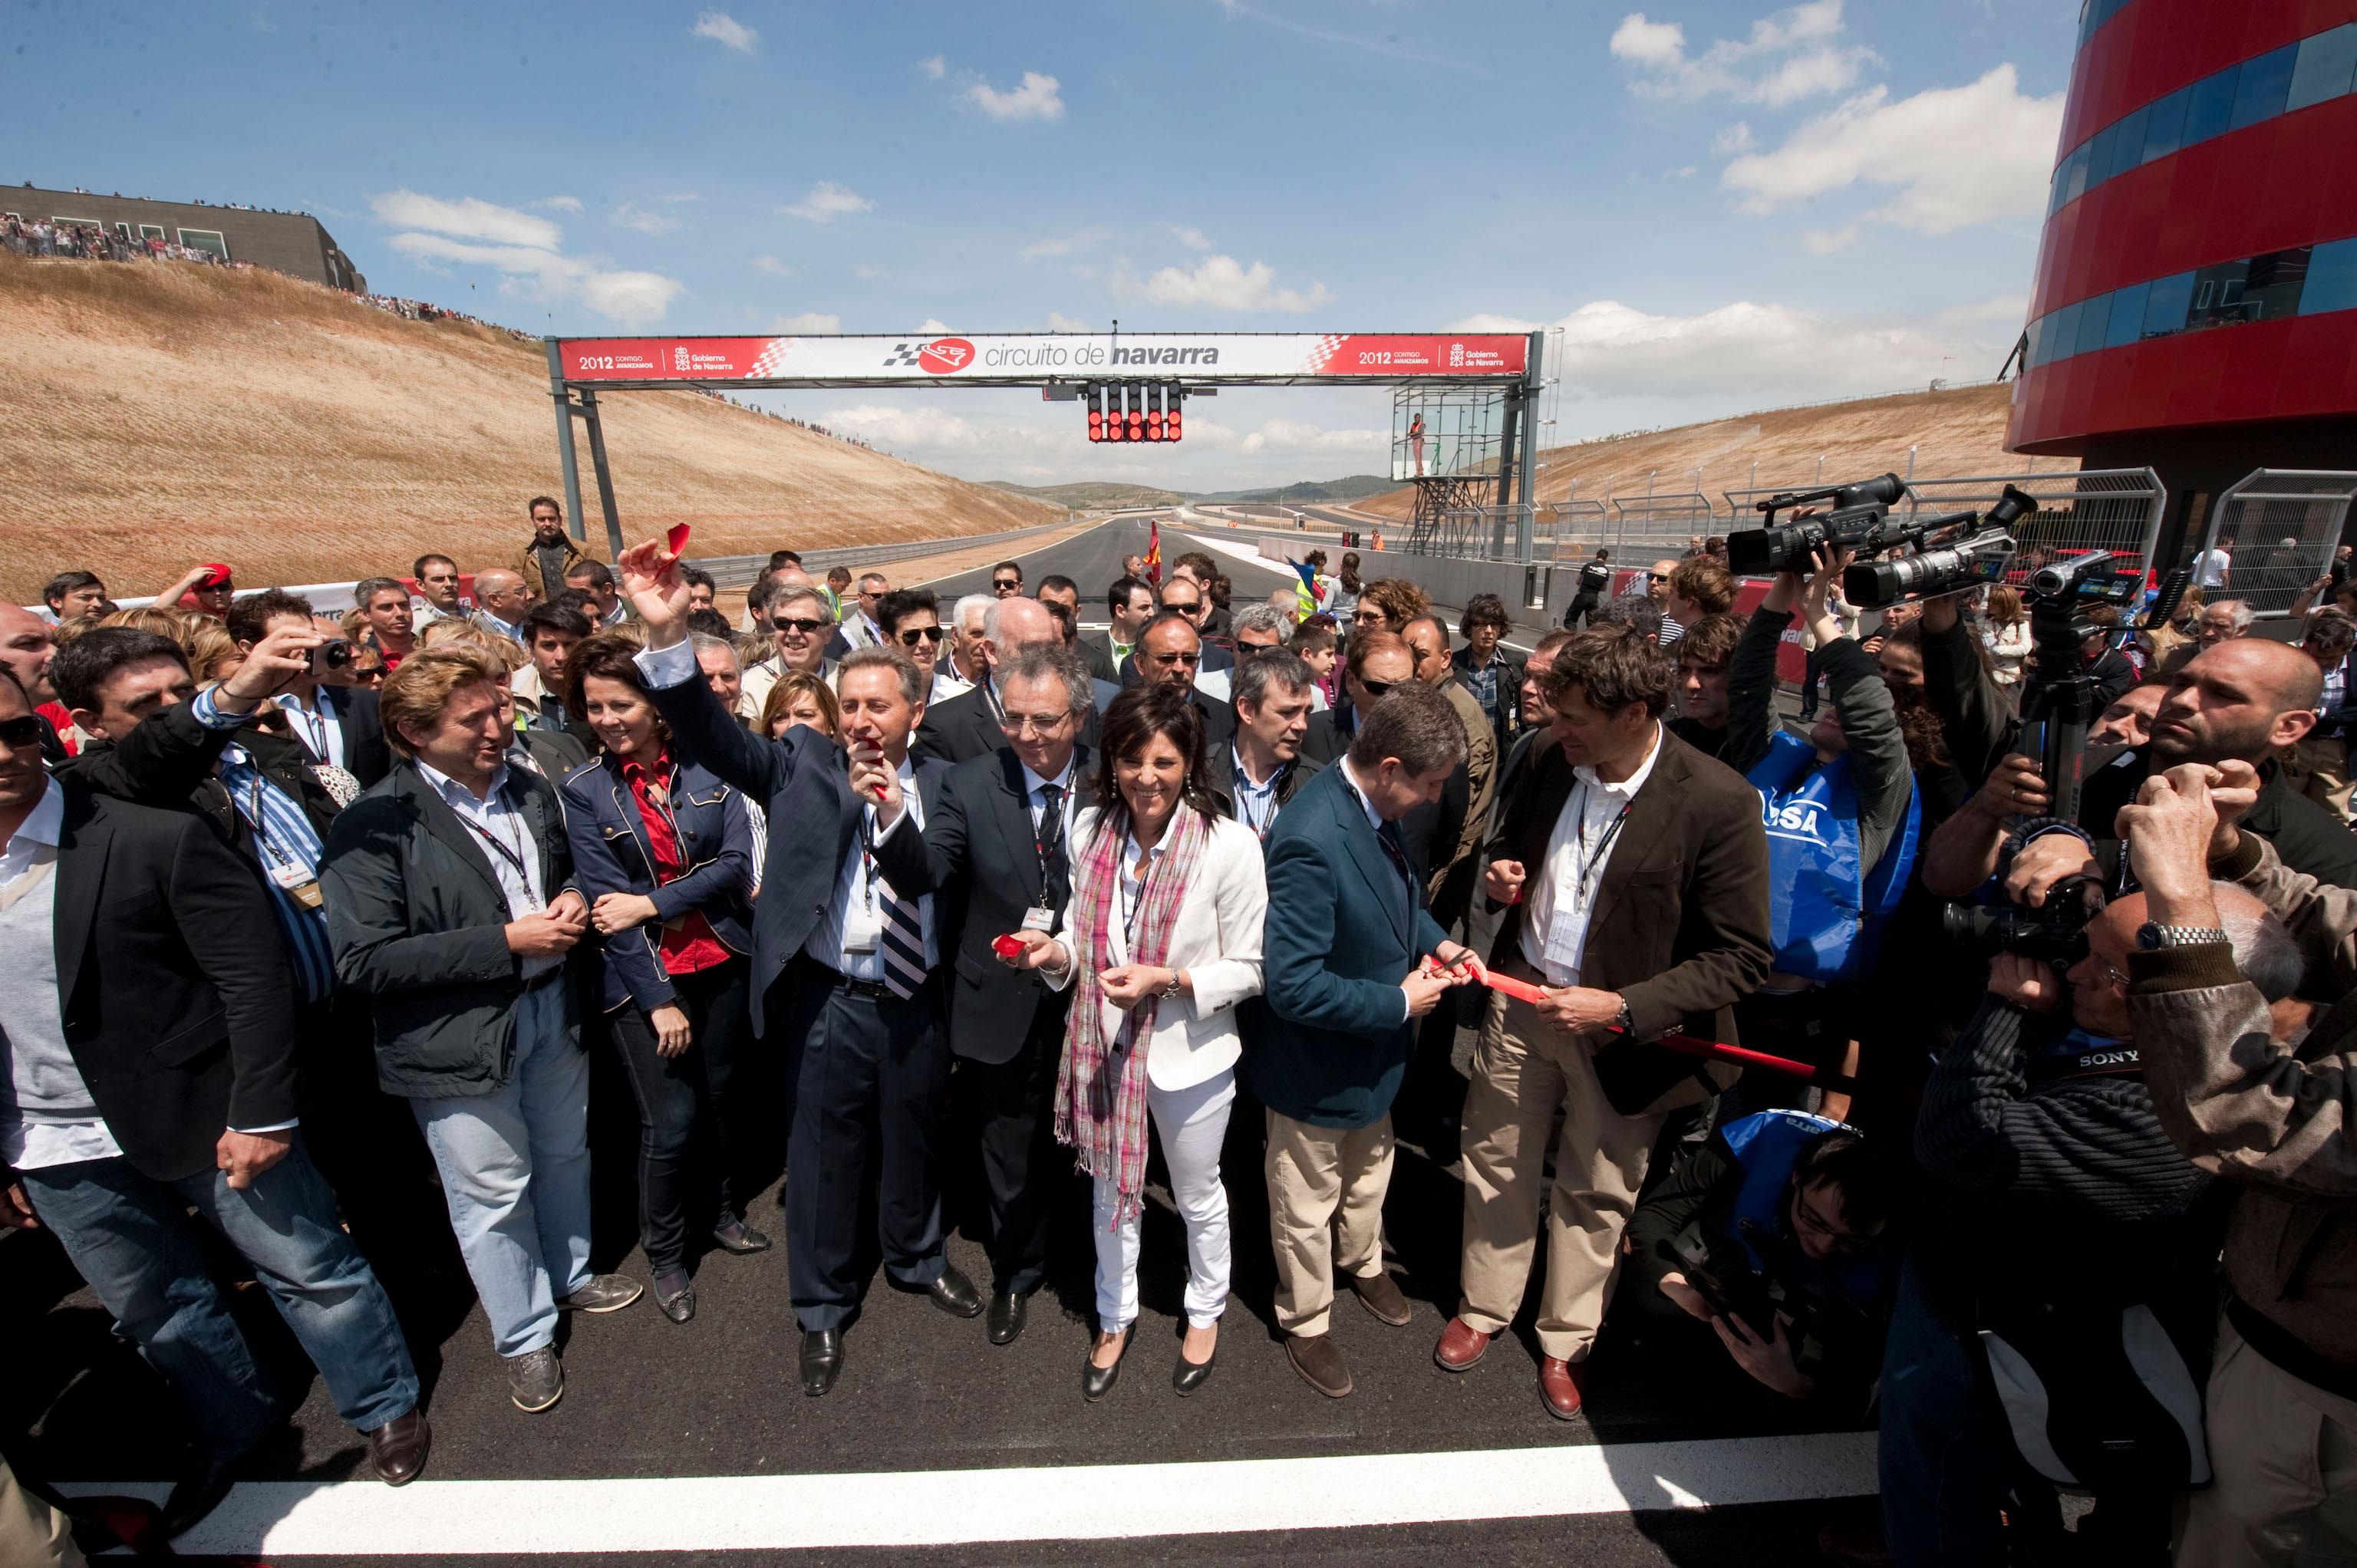 Circuito Los Arcos : El presidente sanz inaugura en los arcos circuito de